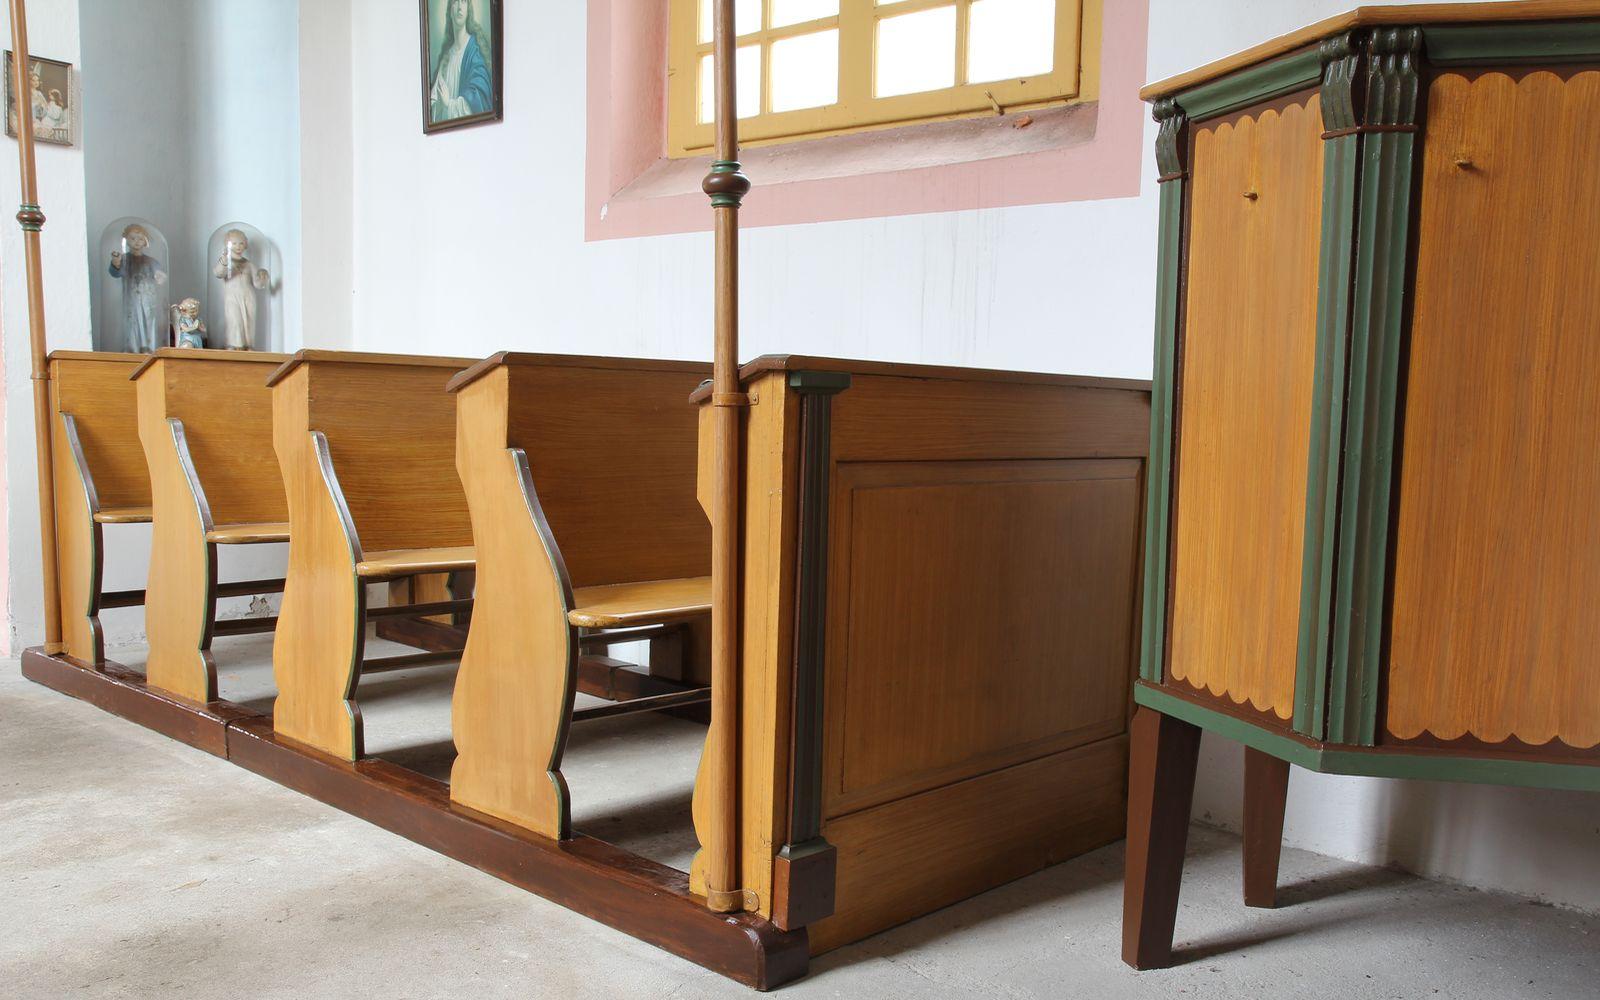 Restaurování fládrovaných kostelních lavic z počátku 20. století vkostele sv. Prokopa vOtvovicích.